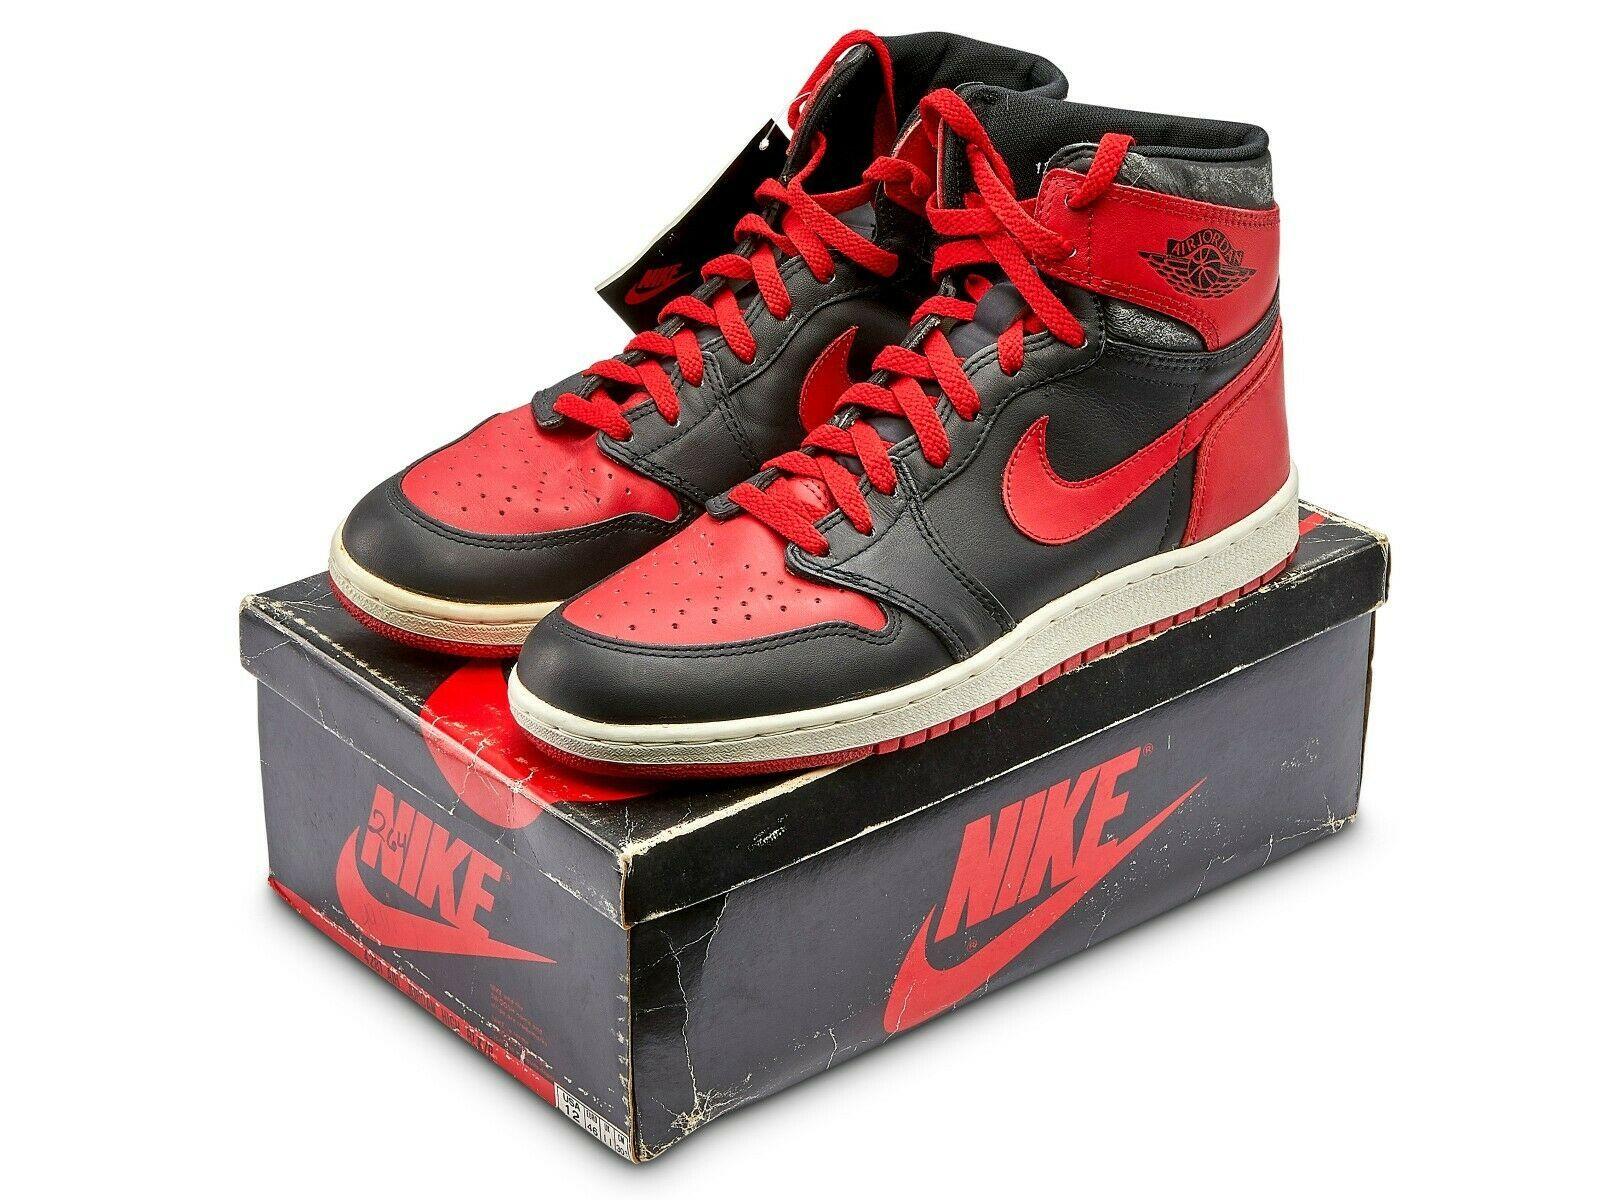 hot sale online eddec be088 Details about NIKE AIR JORDAN HI I 1 WHITE RED BLACK ...